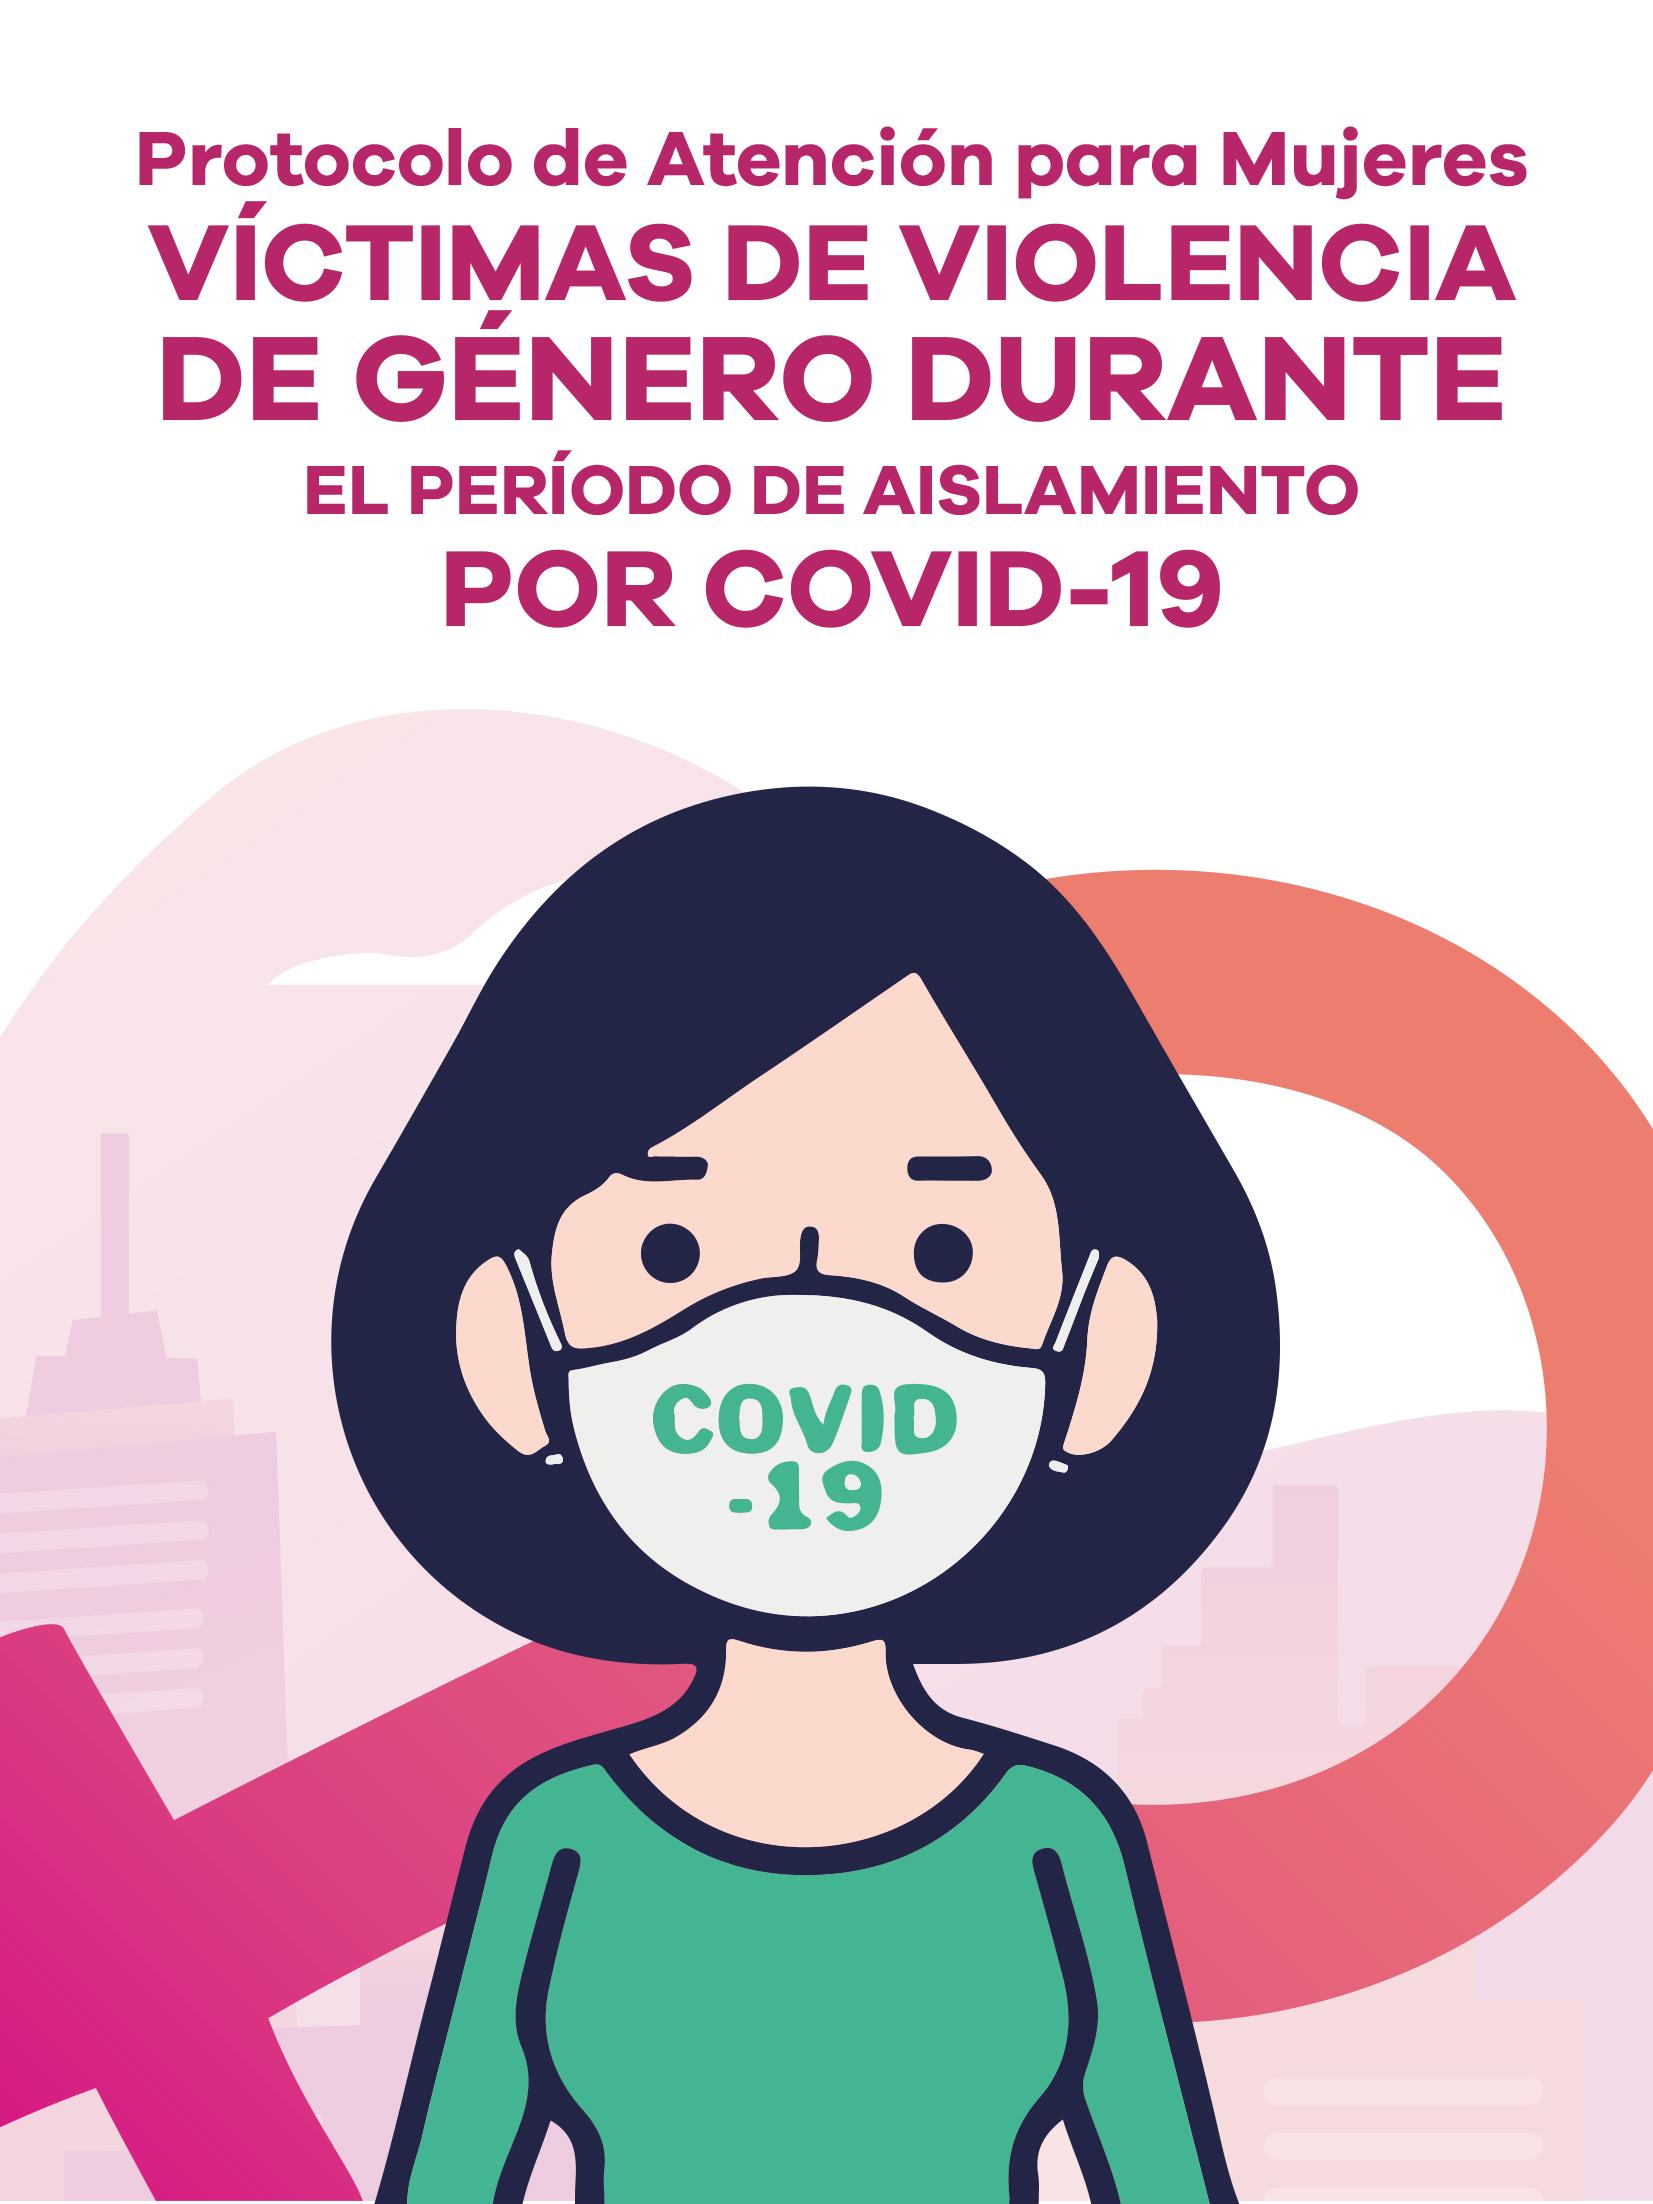 protocolo atencion covid-19 v3